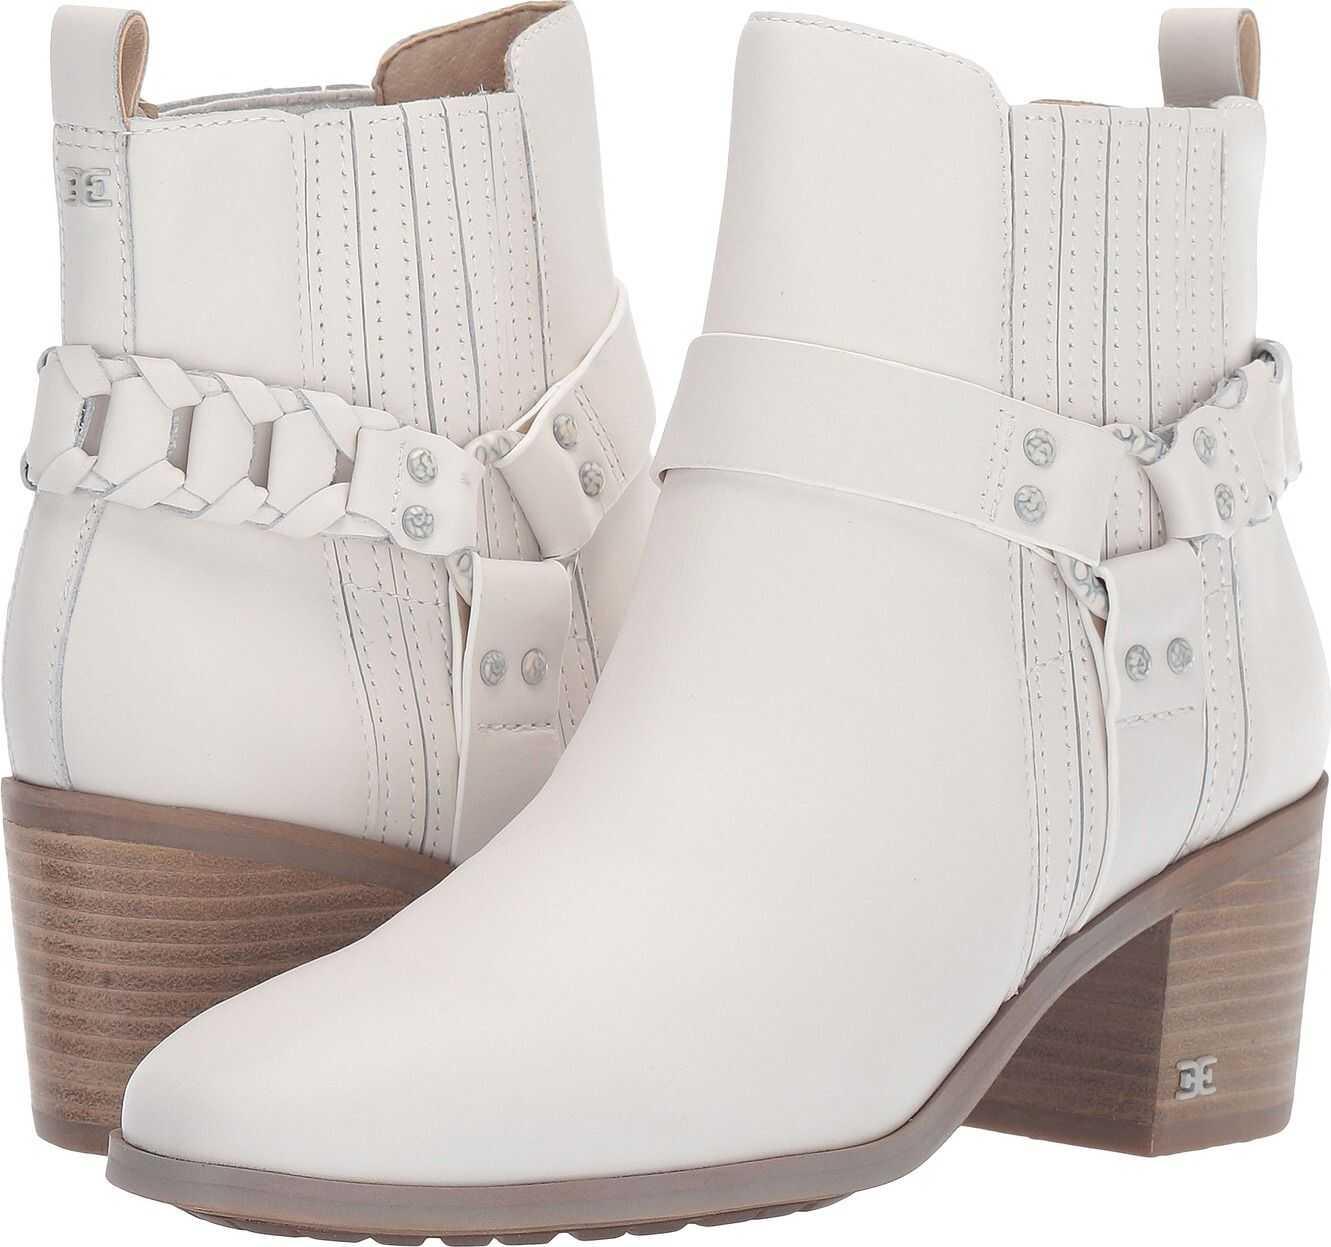 Sam Edelman Dalma Bright White Vaquero Saddle Leather